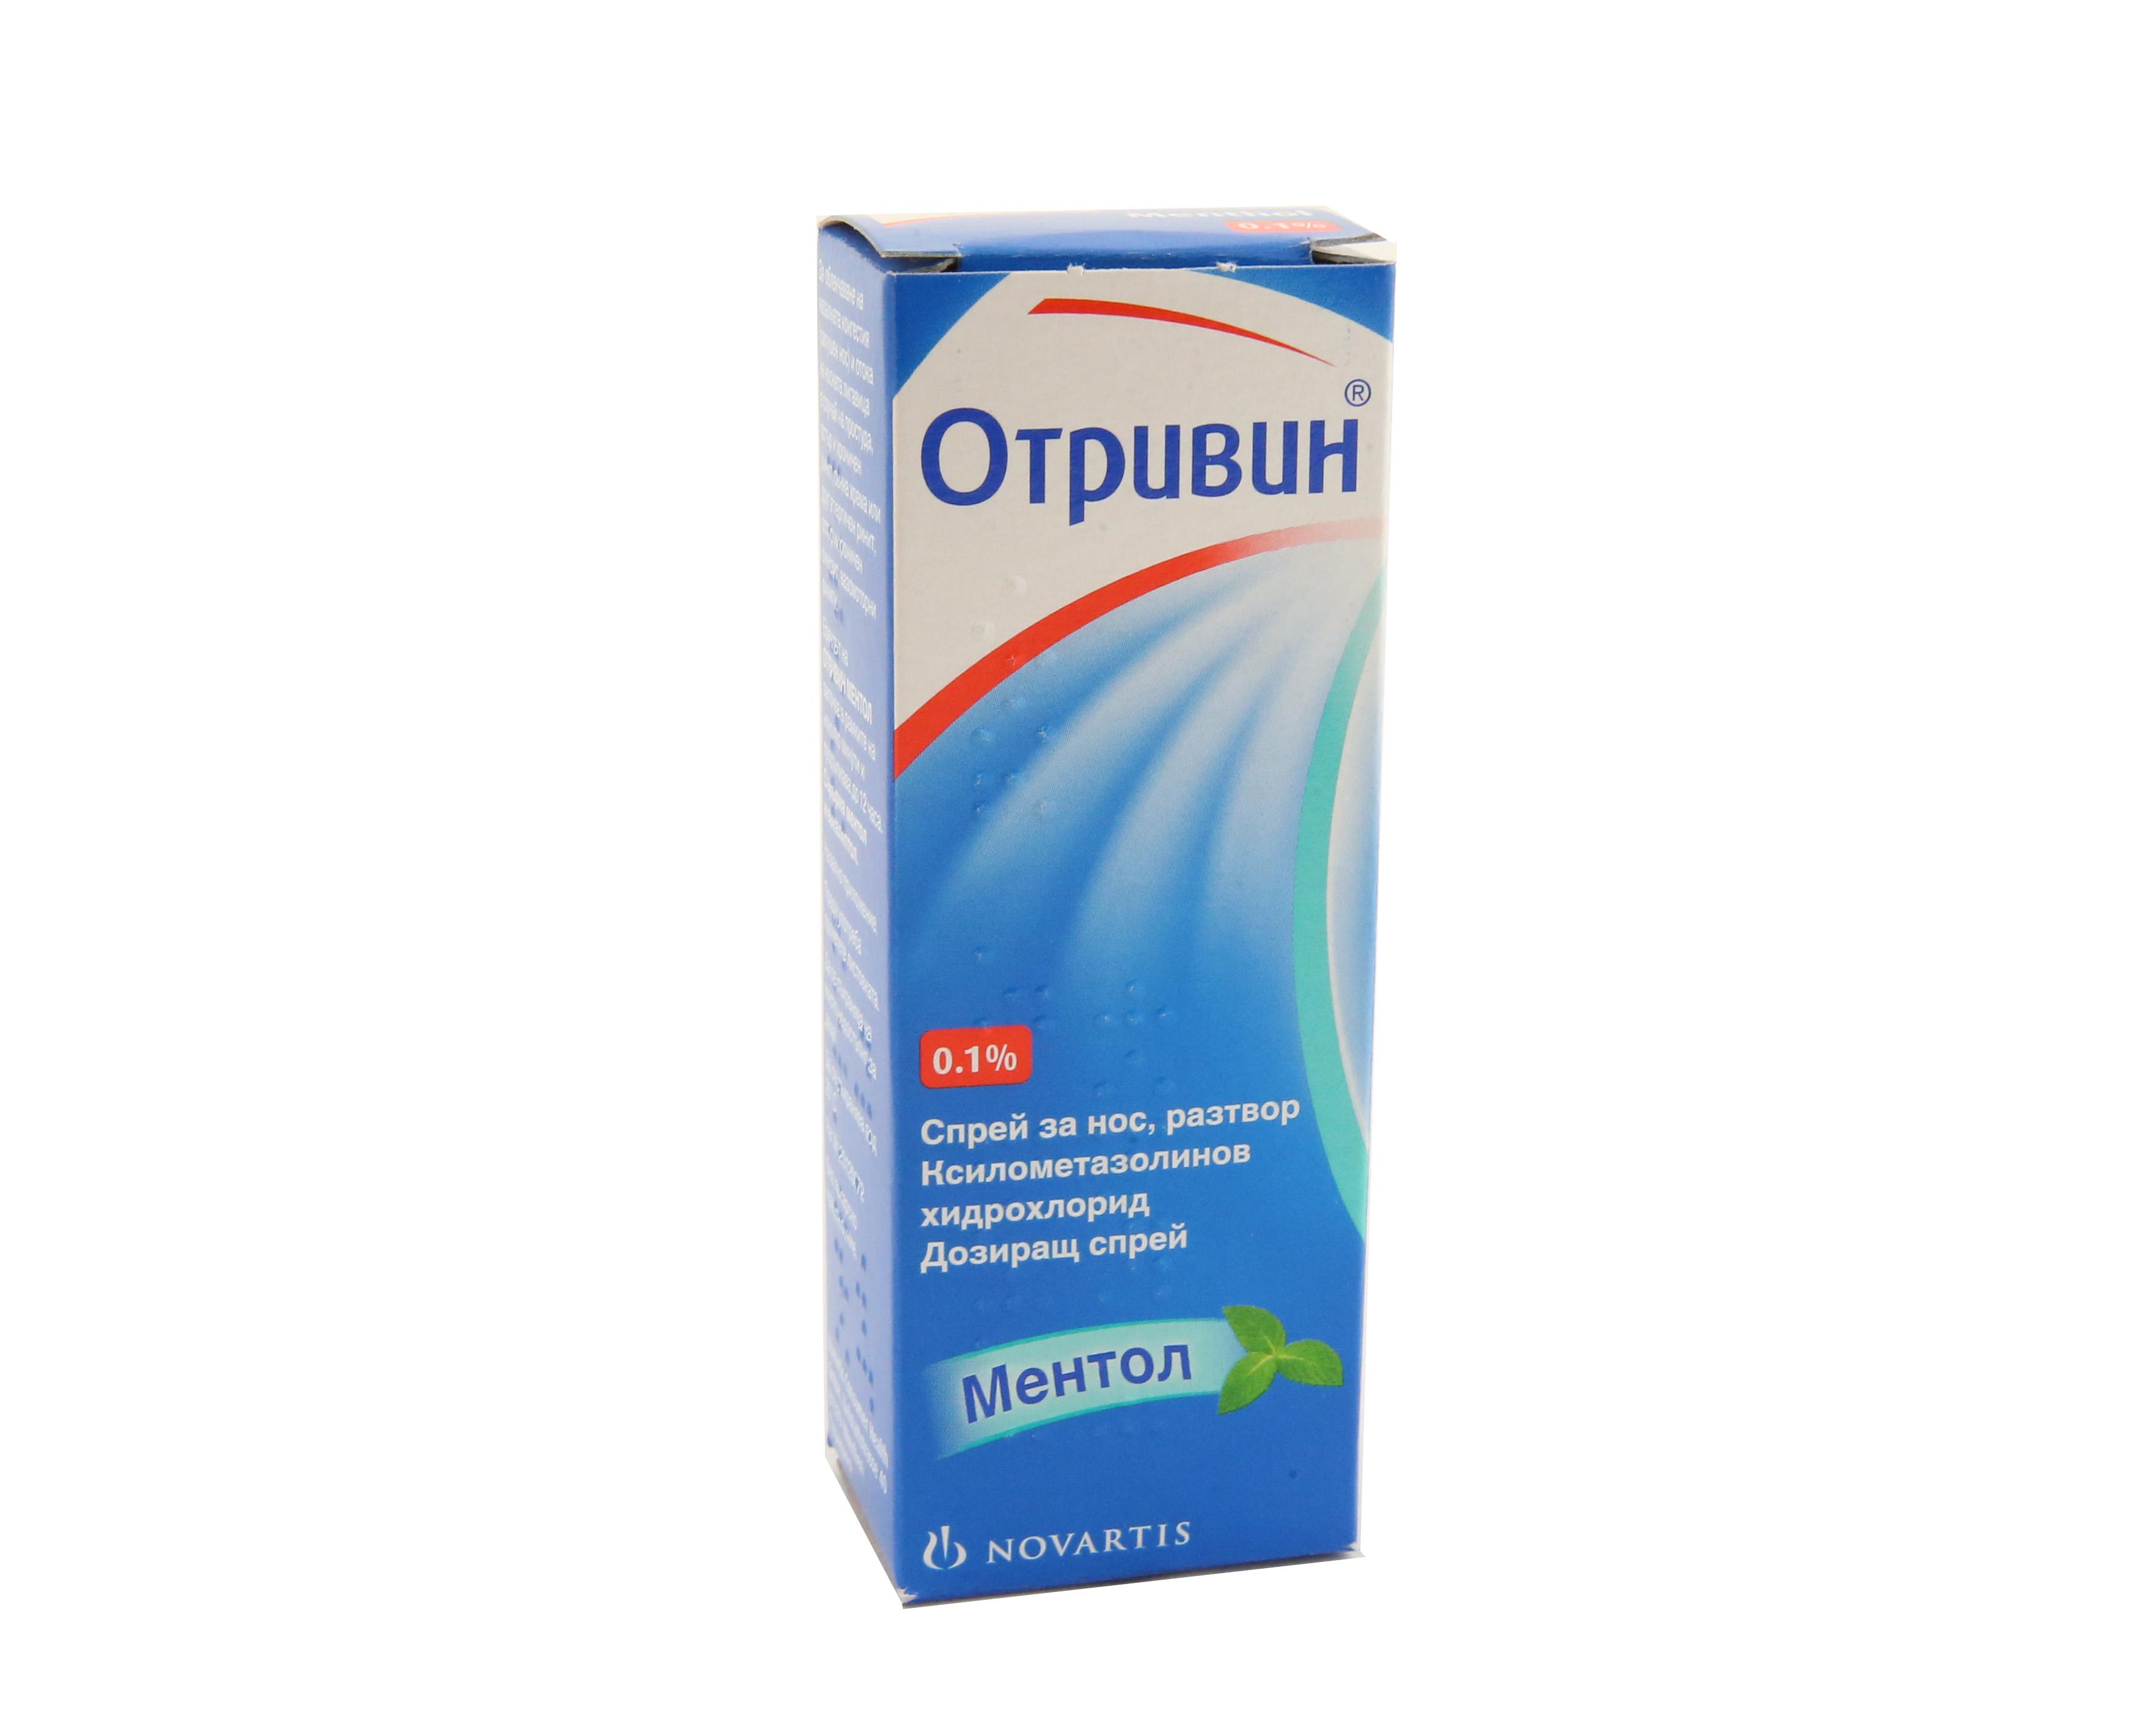 Какво представлява ОТРИВИН МЕНТОЛ / OTRIVIN MENTHOL и за какво се използва?  ОТРИВИН МЕНТОЛ / OTRIVIN MENTHOL на фармацевтичната компания Новартис бързо облекчава симптомите на запушения нос и ви дава възможност да дишате по-лесно. Прилага се за отпушване на запушения нос, причинено от простудни заболявания,  алергични ринити, синузити или сенна хрема. Ефектът на ОТРИВИН МЕНТОЛ започва в рамките на няколко минути и продължава до 12 часа. Той се понася добре дори от пациенти с чувствителна носна лигавица. ОТРИВИН МЕНТОЛ / OTRIVIN MENTHOL може да се използва и при възпаление на ухото, за да подпомогне отбъбването на назофарингеалната лигавица, покриваща носните пътища и гърлото. Също така OTRIVIN MENTHOL може да ви бъде предписан от вашия лекар, ако ви предстои изследване на носната кухина. ОТРИВИН МЕНТОЛ / OTRIVIN MENTHOL не съдържа никакви консерванти, което намалява до минимум риска от алергии и дразнене.   Какво трябва да знаете, преди да използвате ОТРИВИН МЕНТОЛ / OTRIVIN MENTHOL?   Не използвайте ОТРИВИН МЕНТОЛ / OTRIVIN MENTHOL:  Ако сте алергични (свръхчувствителни) към активното вещество ксилометазолинов хидрохлорид или към някоя от останалите съставки на ОТРИВИН МЕНТОЛ / OTRIVIN MENTHOL, посочени в края на тази листовка (вижте точка 6); Ако скоро са ви правили операция през носа; Ако имате тясноъгълна глаукома.  Ако е налице някое от изброените, моля, информирайте вашия лекар или фармацевт, защото ОТРИВИН МЕНТОЛ 0,1 % Спрей за нос не е подходящ за вас при тези обстоятелства. Обърнете специално внимание при употребата на ОТРИВИН МЕНТОЛ / OTRIVIN MENTHOL Консултирайте се с вашия лекар или фармацевт преди използването на ОТРИВИН МЕНТОЛ 0,1% Спрей за нос, ако имате някое от следните заболявания:  високо кръвно налягане; заболяване на сърдечно-съдовата система; хиперфункция на щитовидната жлеза; диабет.  Ако е налице някое от изброените заболявания, не употребявайте ОТРИВИН МЕНТОЛ / OTRIVIN MENTHOL, преди да се консултирате с вашия лекар или фармацевт.  Подобно 